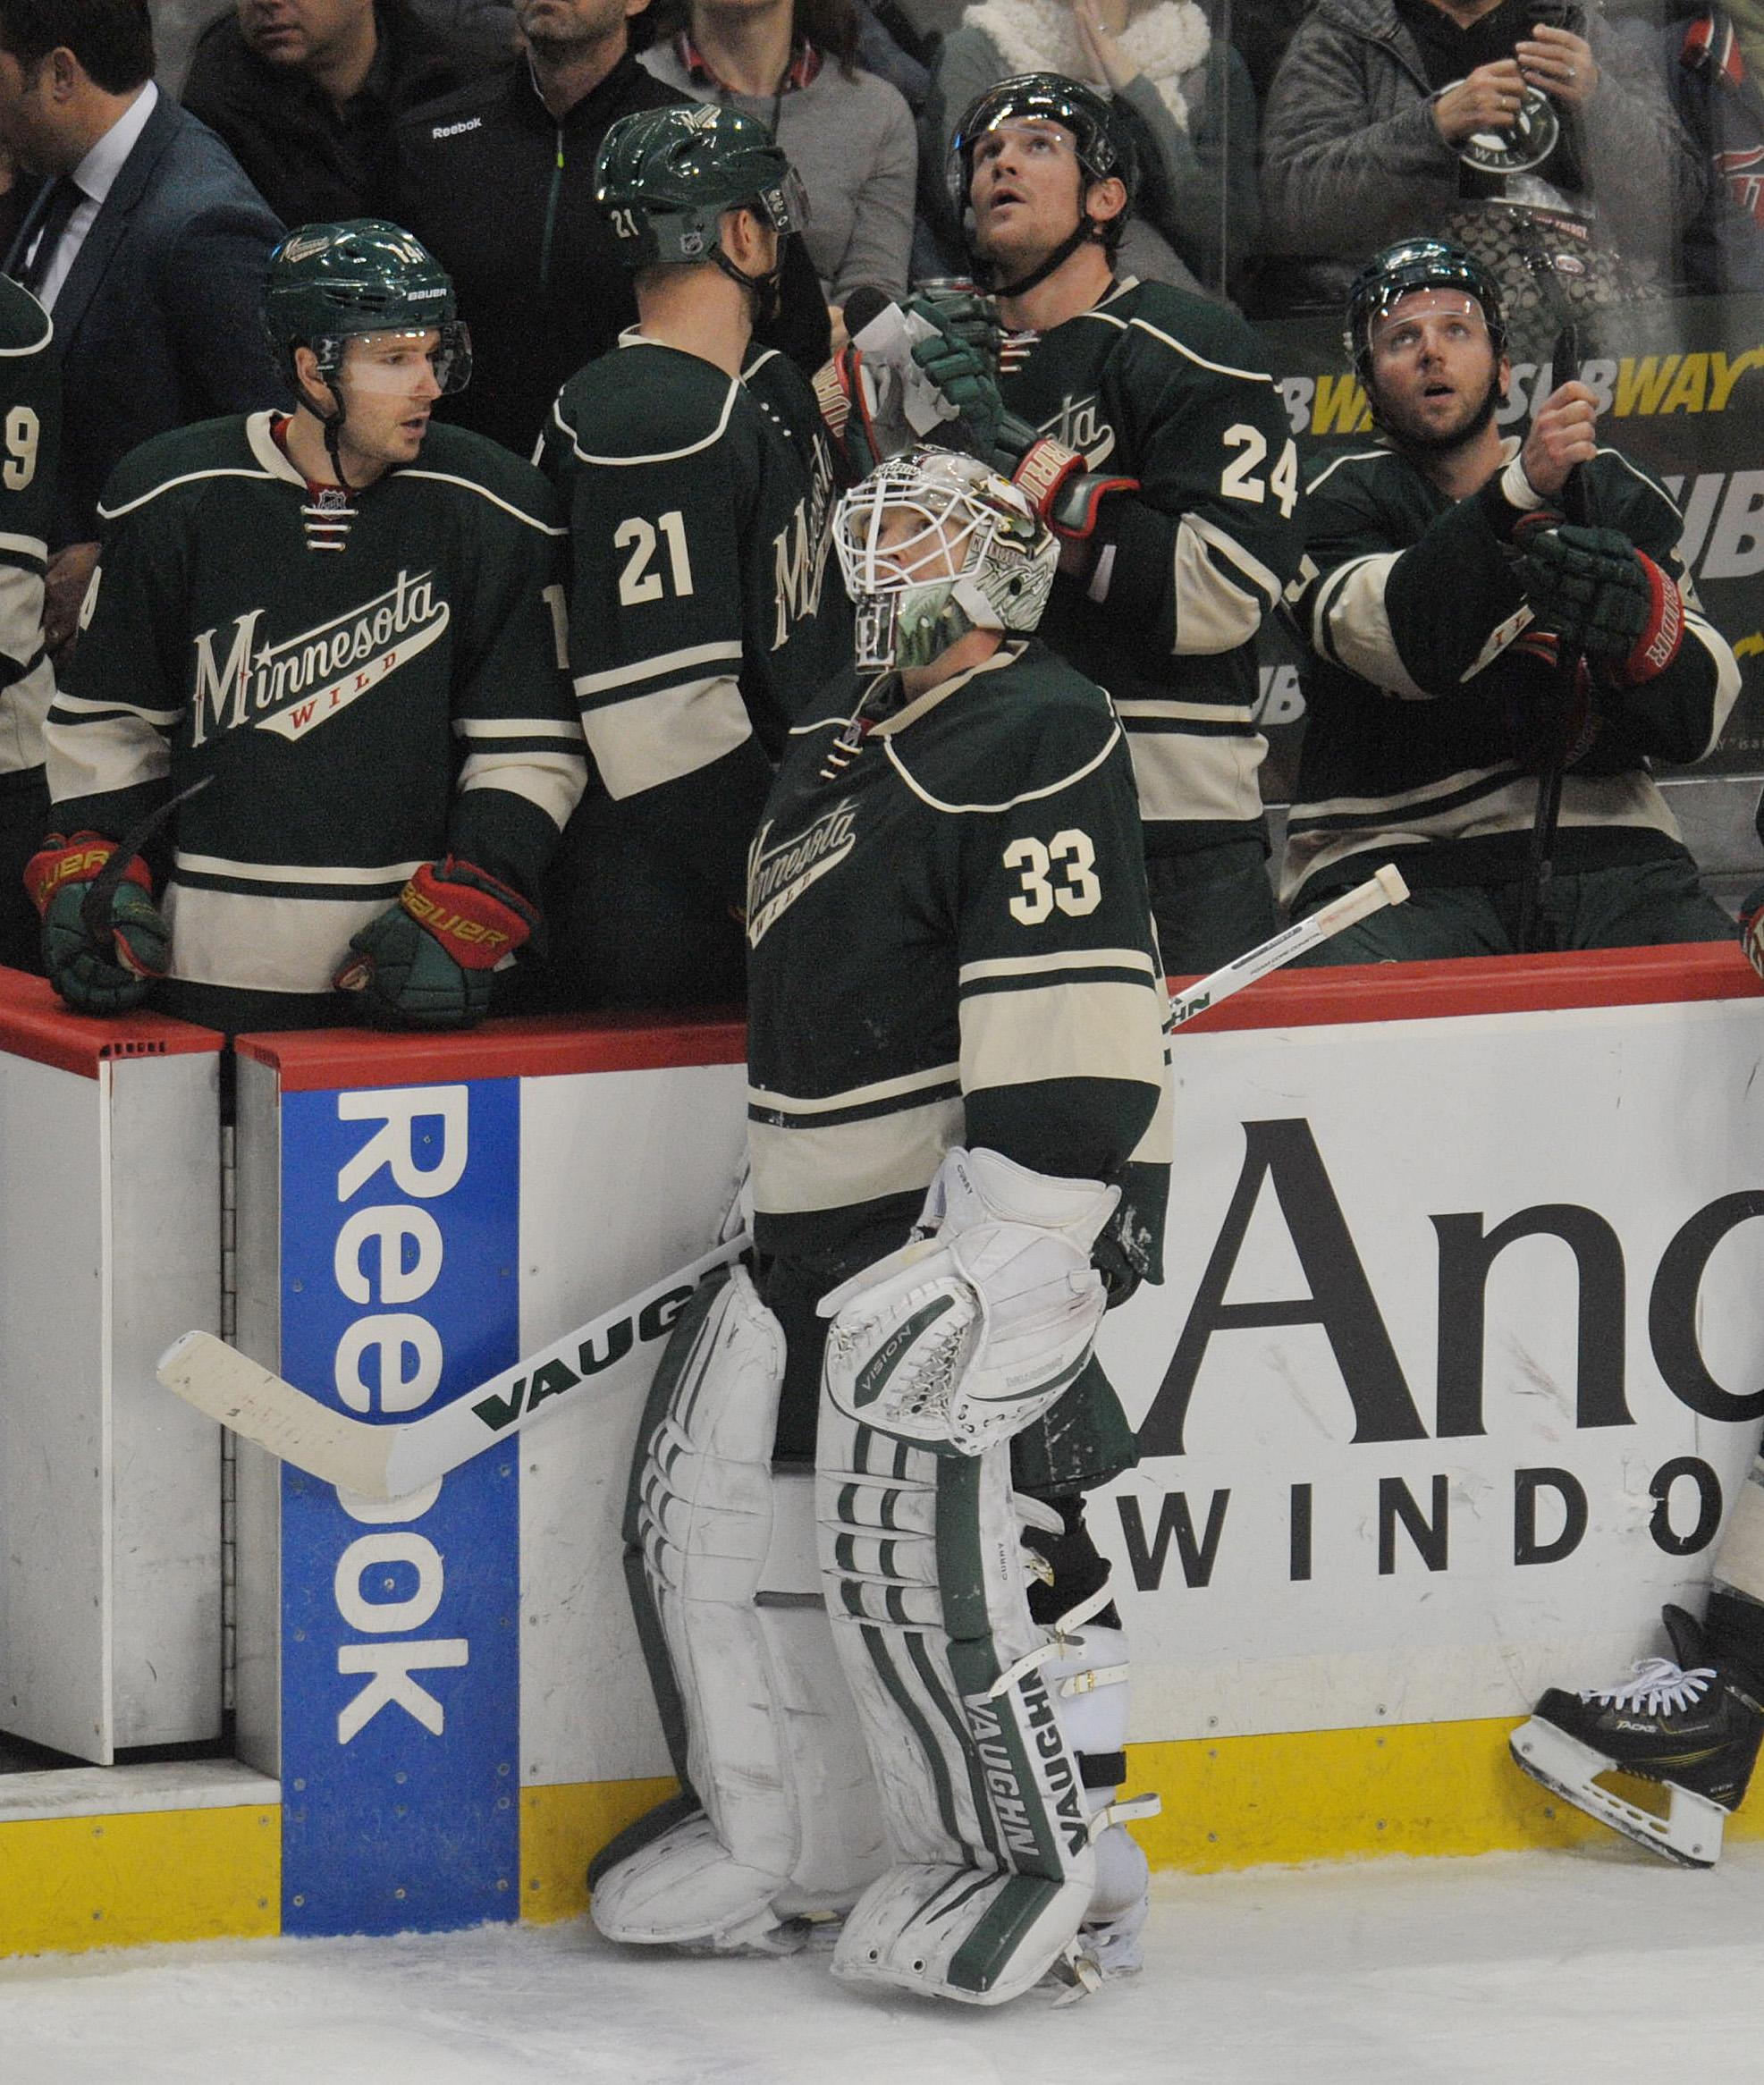 NHL schedule 2014: Bruins try to catch Wings, Wild seek revenge in Winnipeg